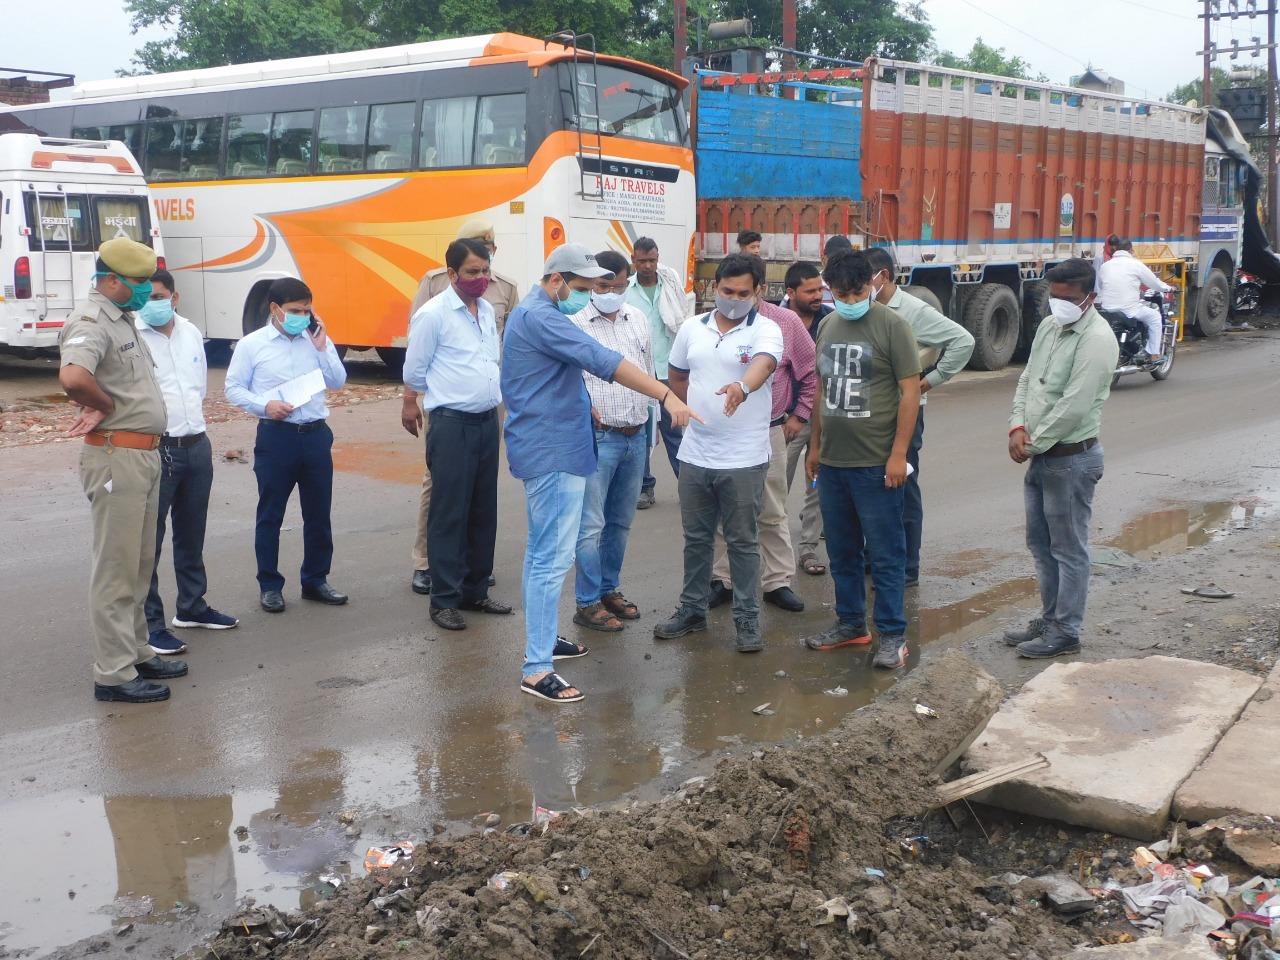 नगर आयुक्त ने गंदगी और जलभराव की समस्या का किया निरीक्षण, निस्तारण के लिए अधिकरियों को दिए निर्देश|मथुरा,Mathura - Dainik Bhaskar